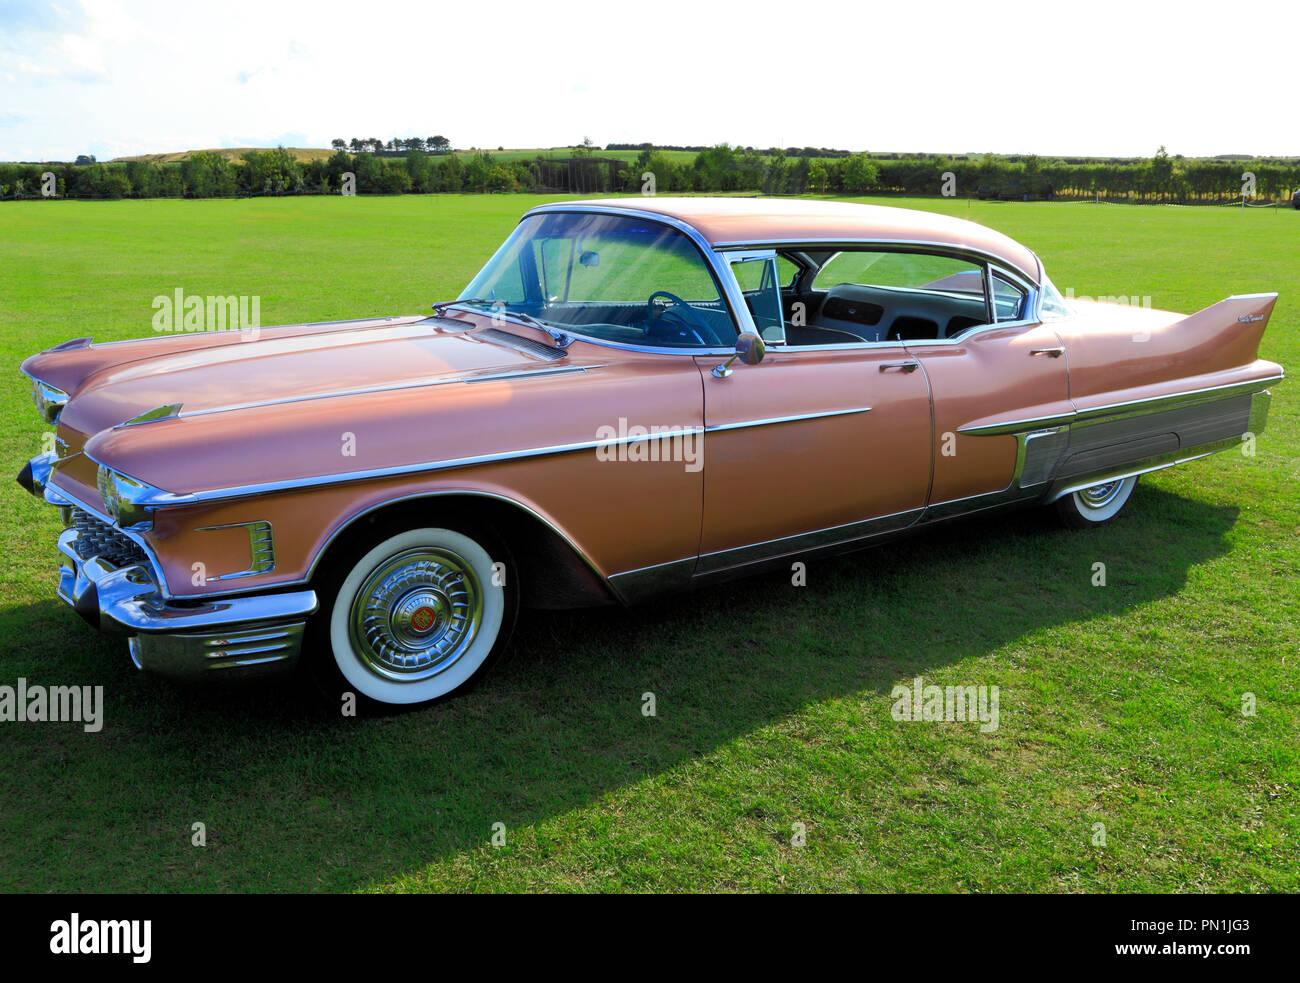 Pink Cadillac, Fleetwood, coches clásicos americanos, automóviles Imagen De Stock